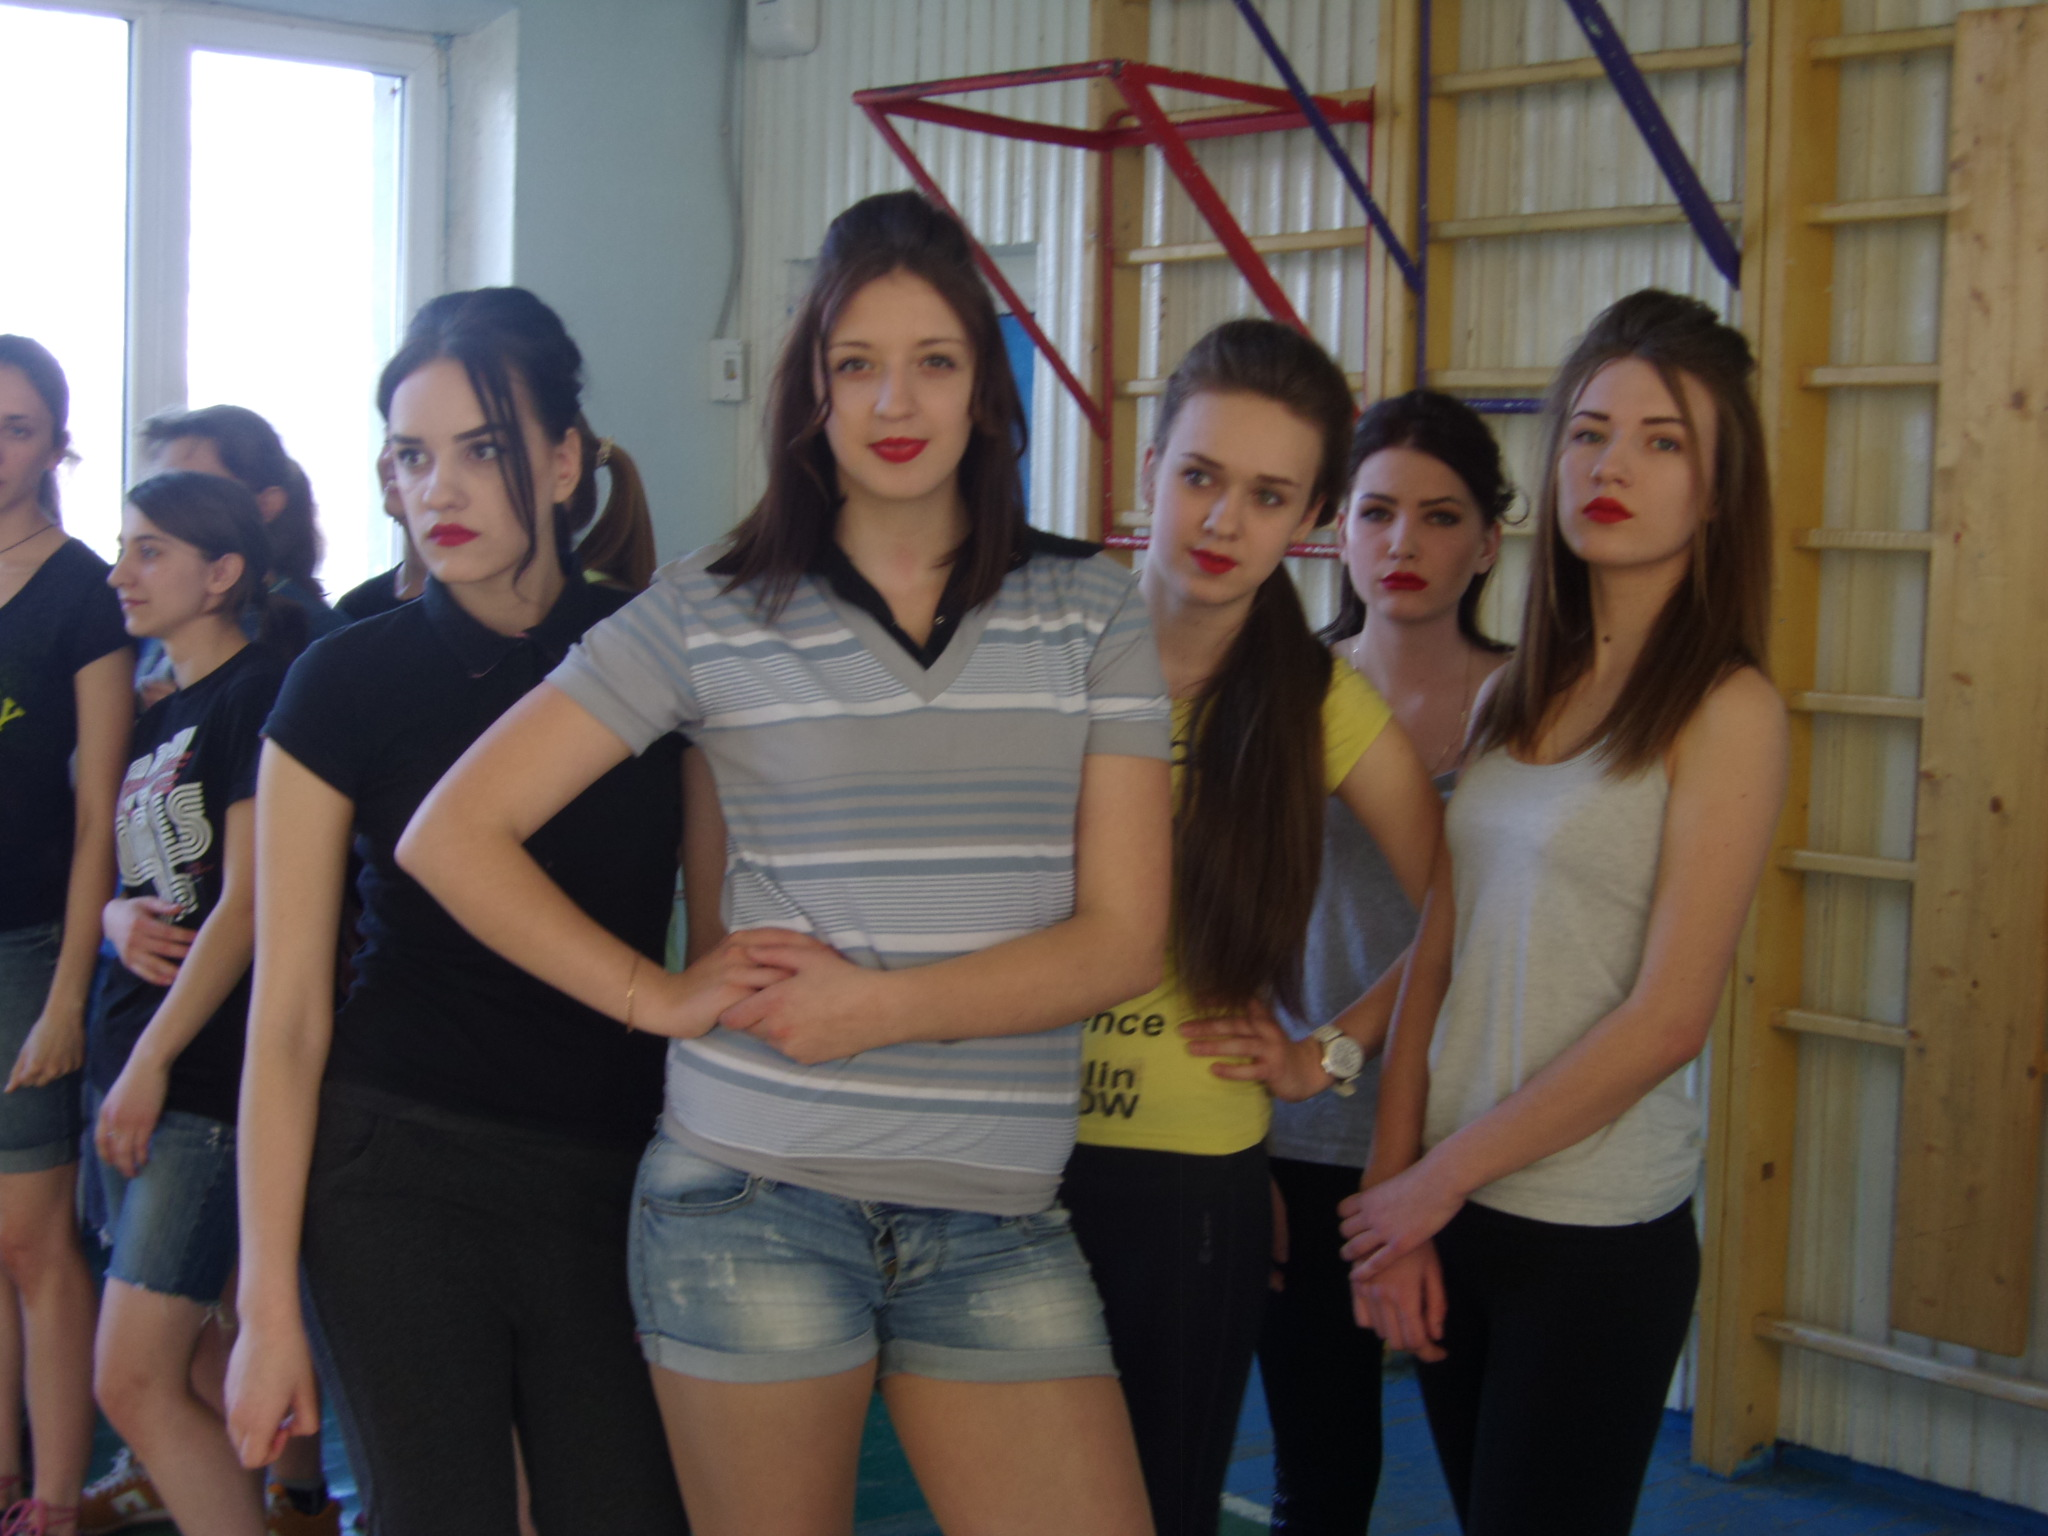 фото в девушек в школе